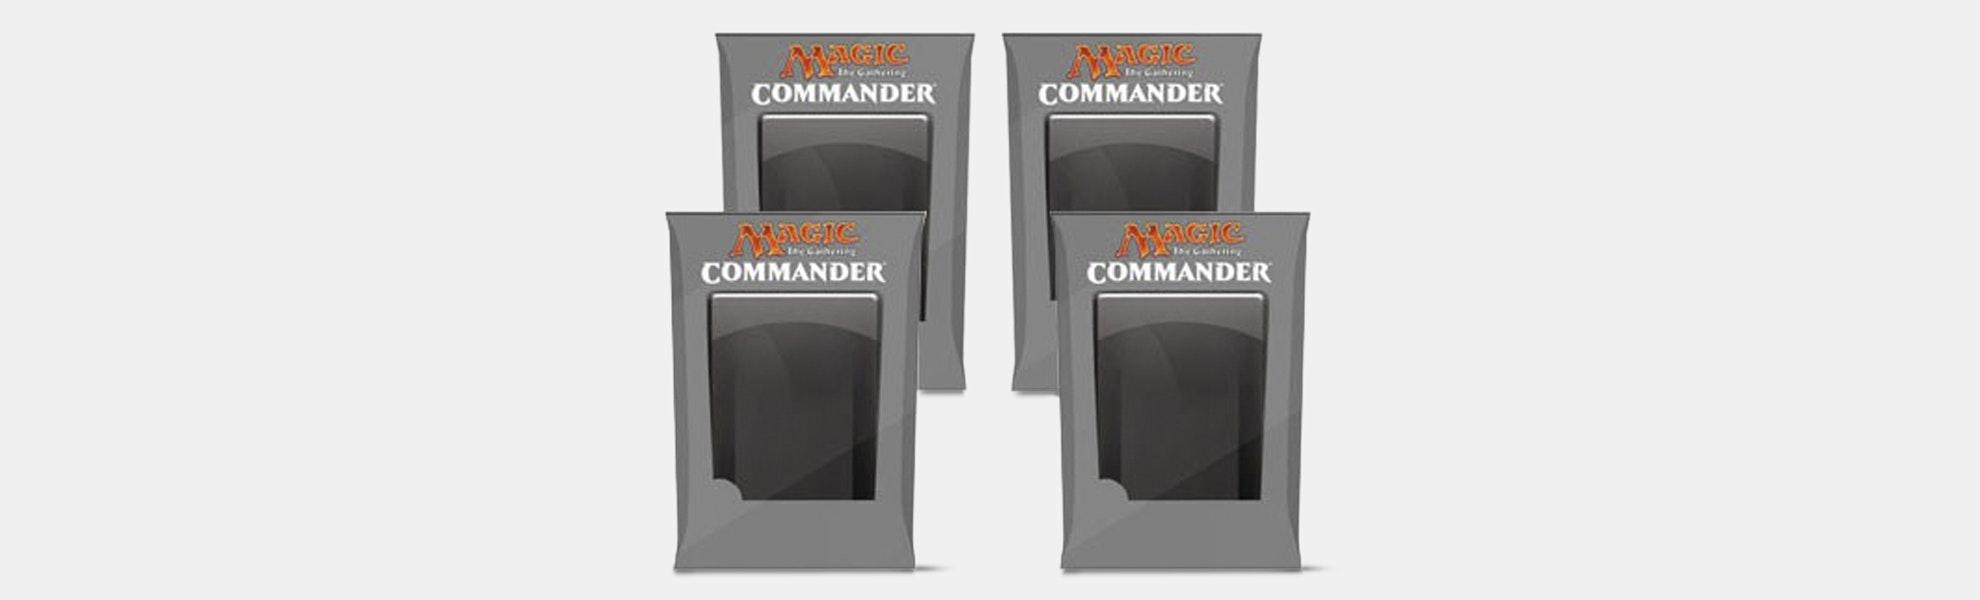 Commander 2017 Set (4-Decks) Pre-Order IV